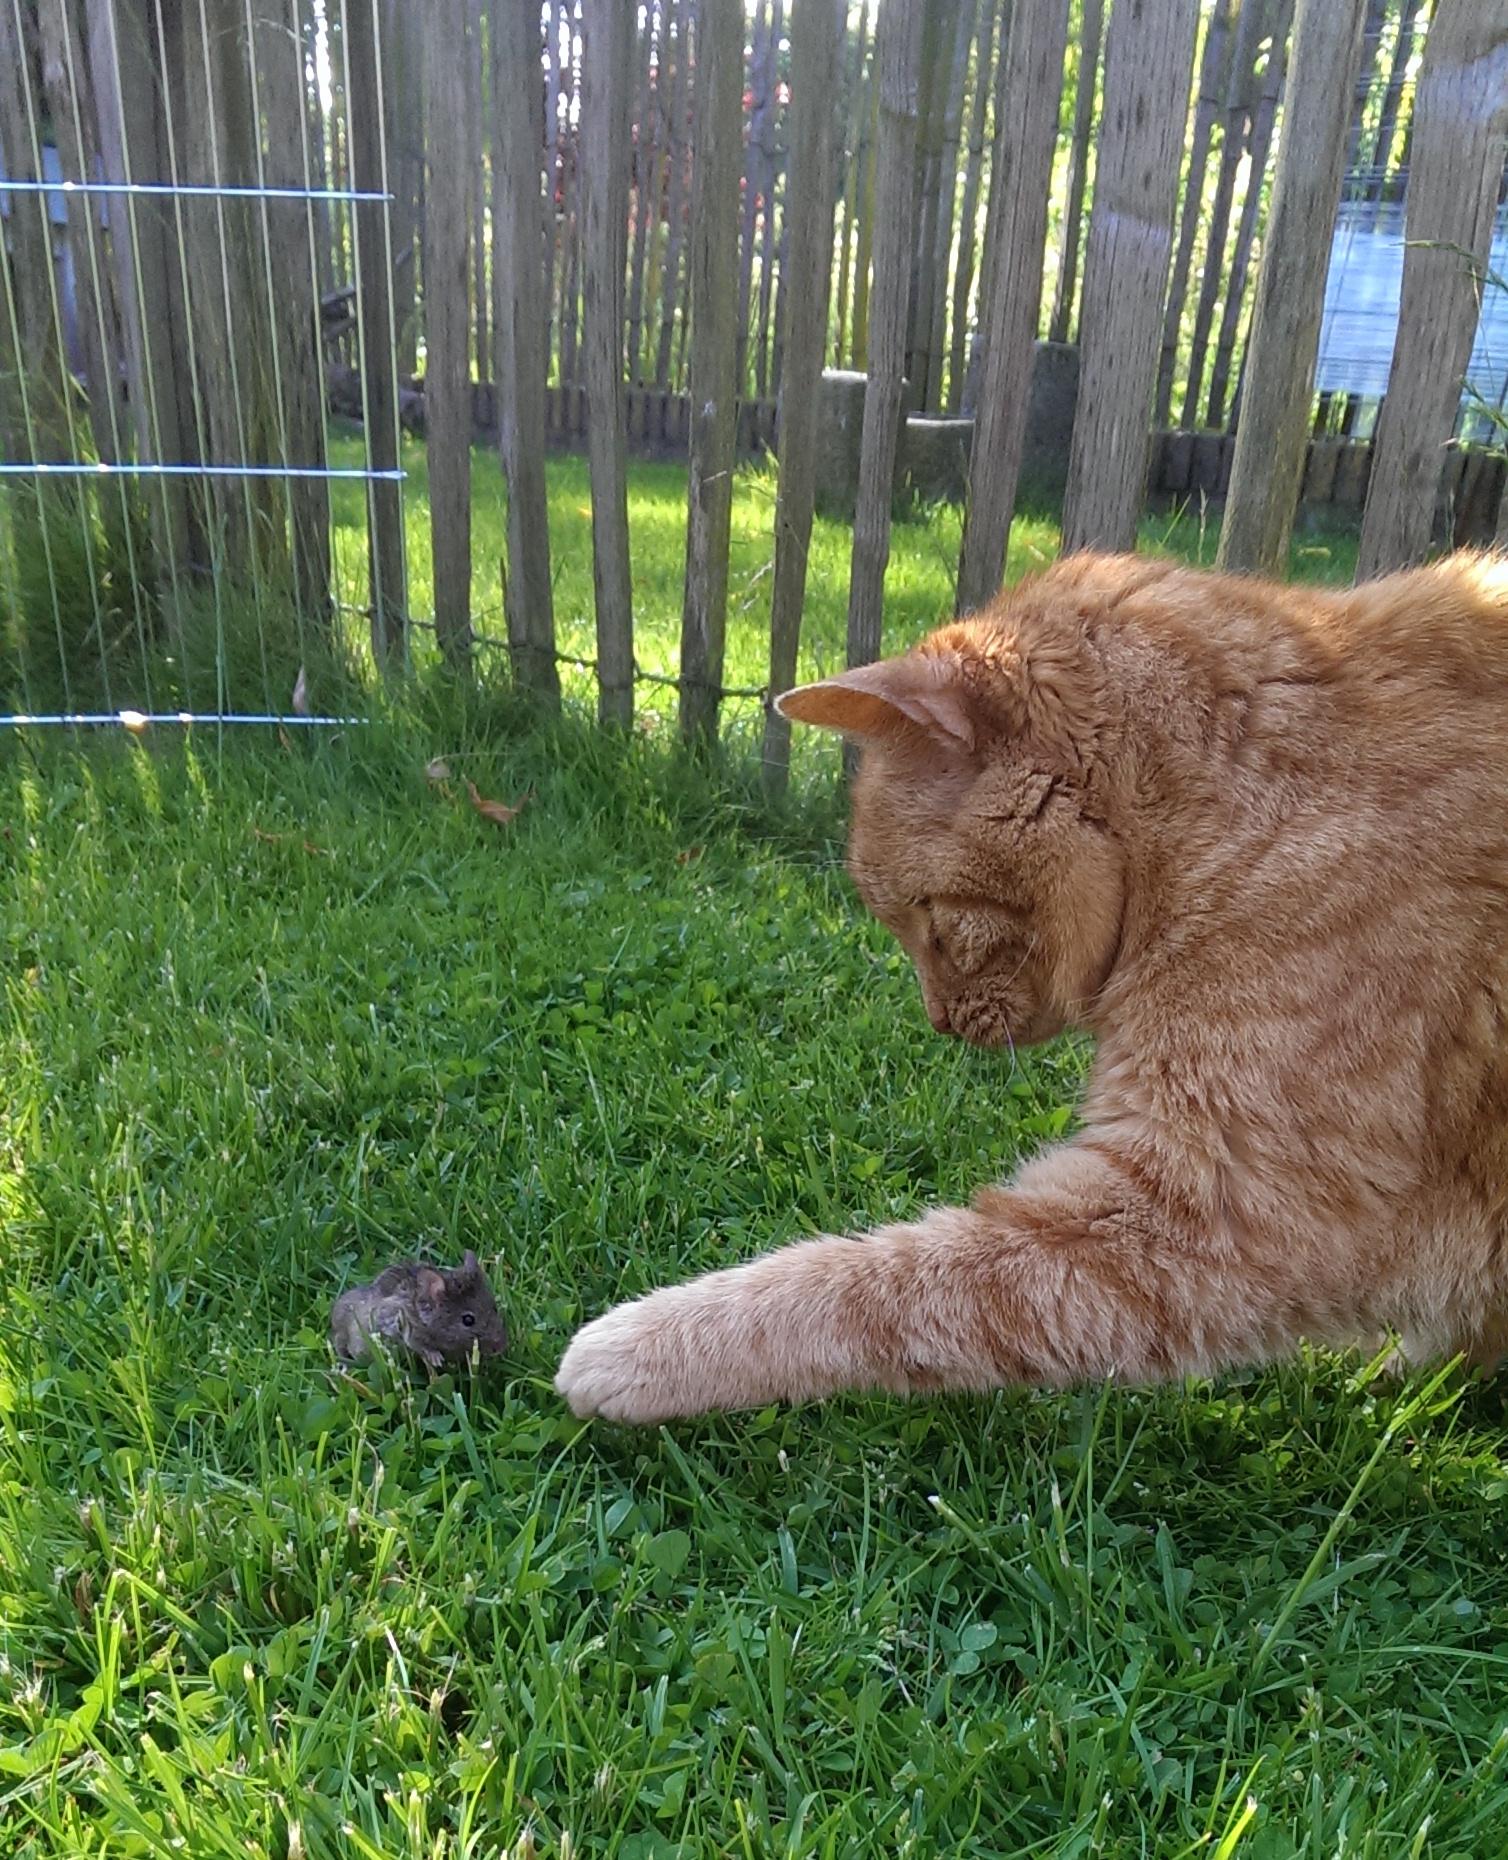 op-mix-erf-erf-dieren-wendy-phaff-juud-en-muis